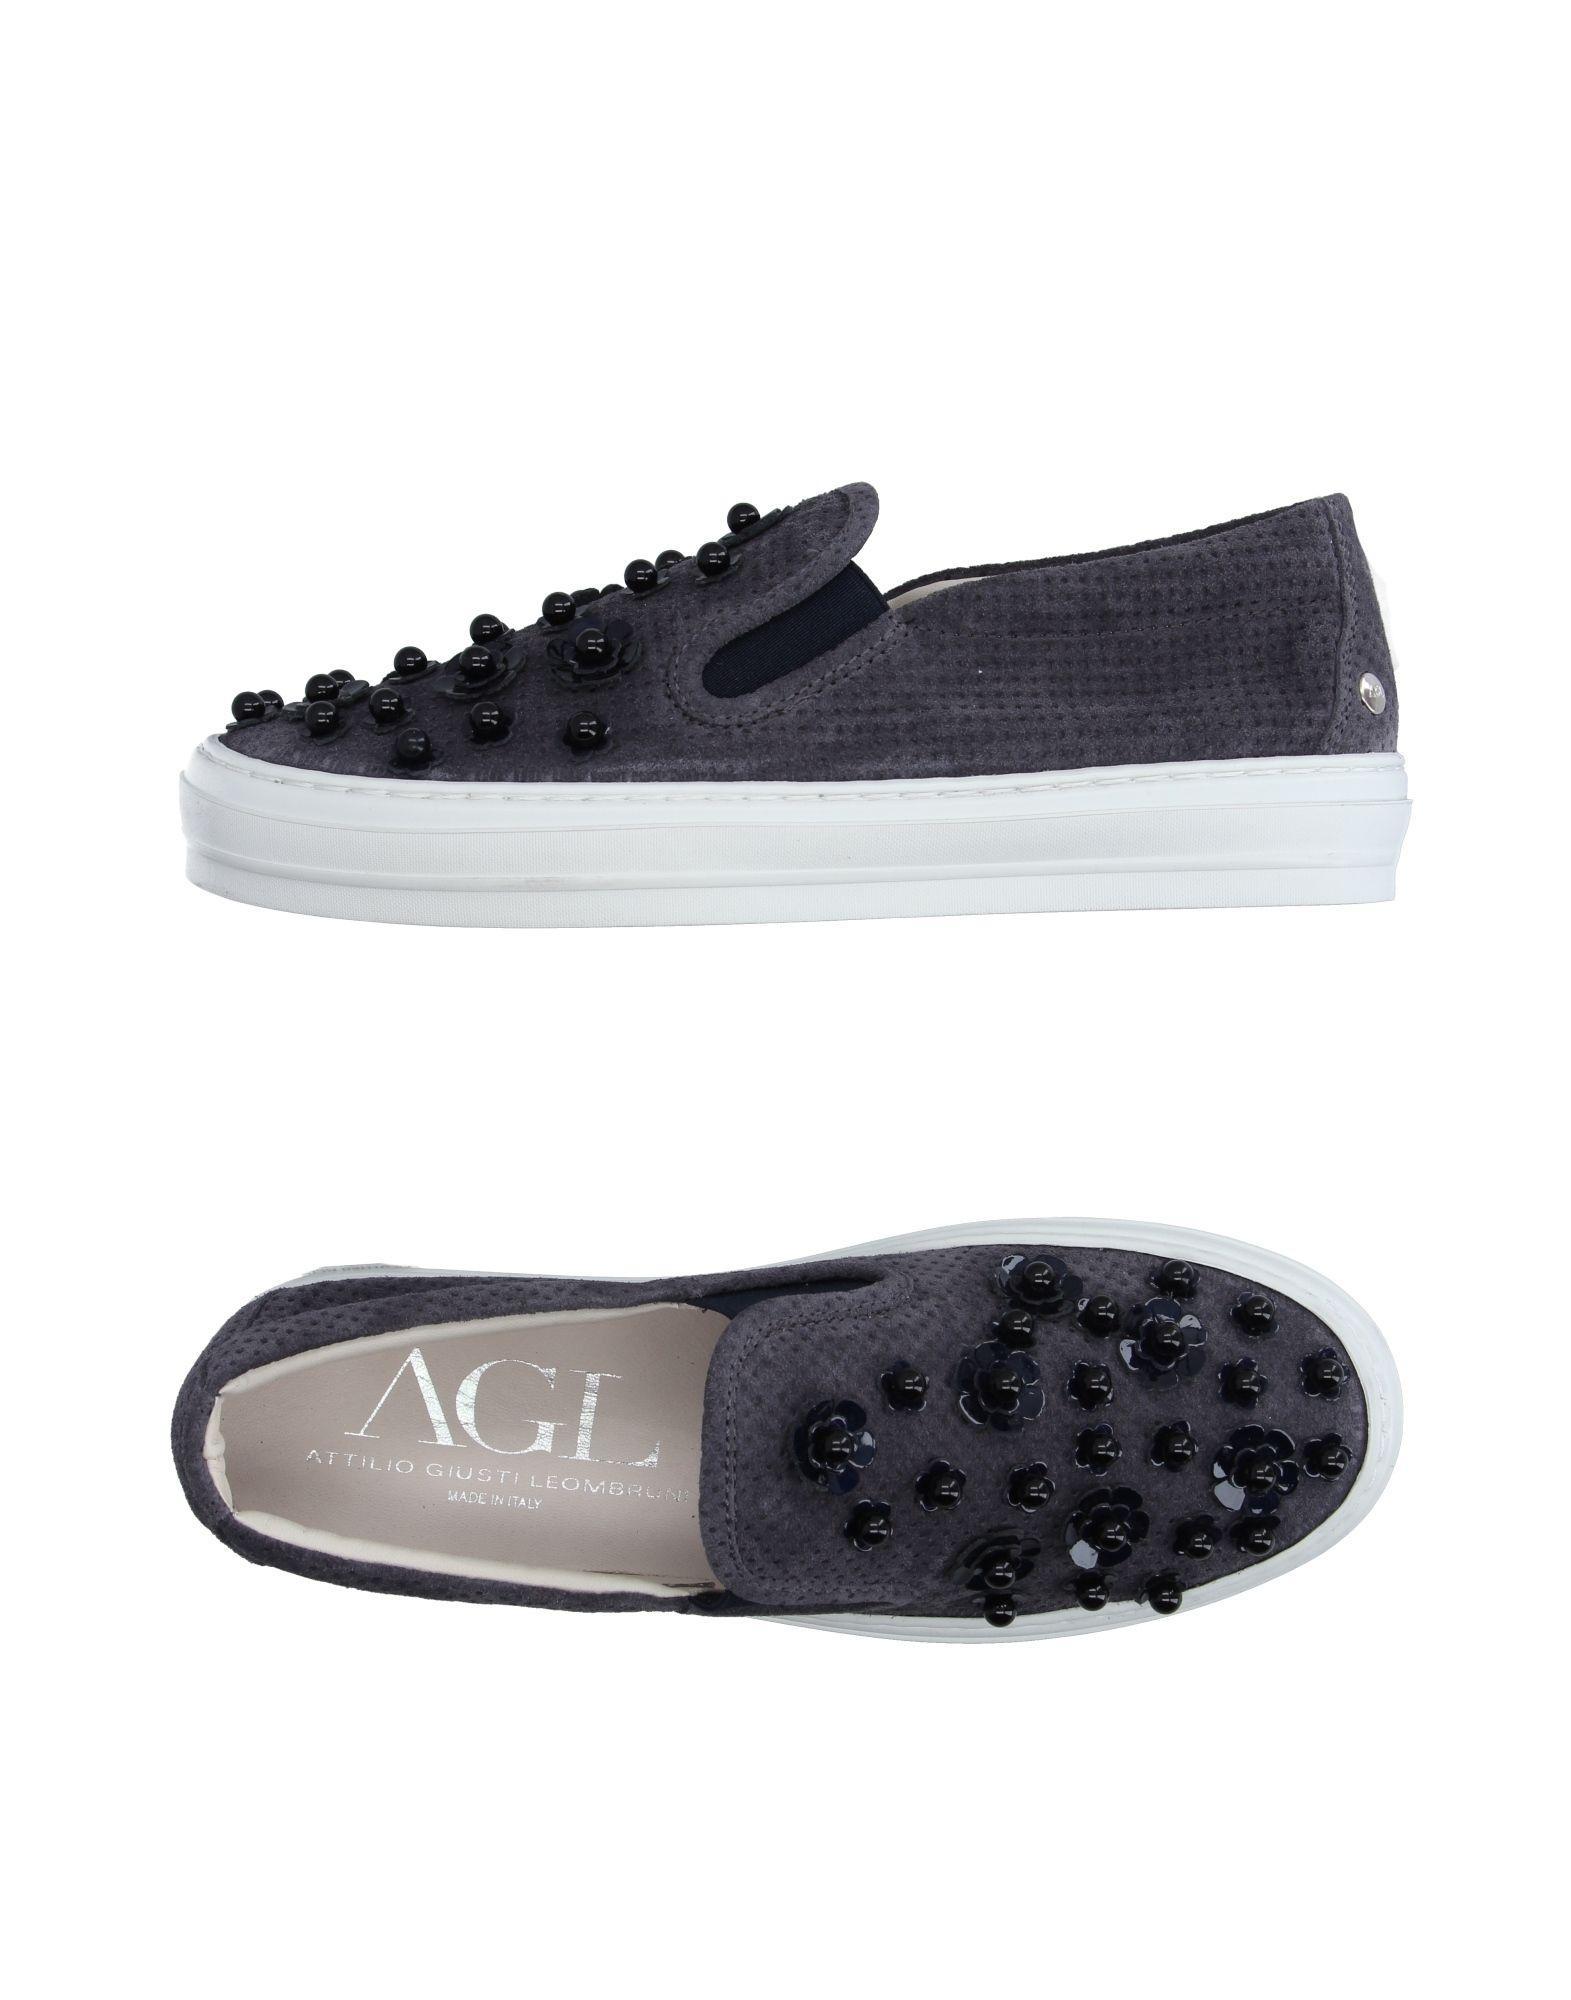 AGL shoes   Shoes, Dress shoes men, Cute rose